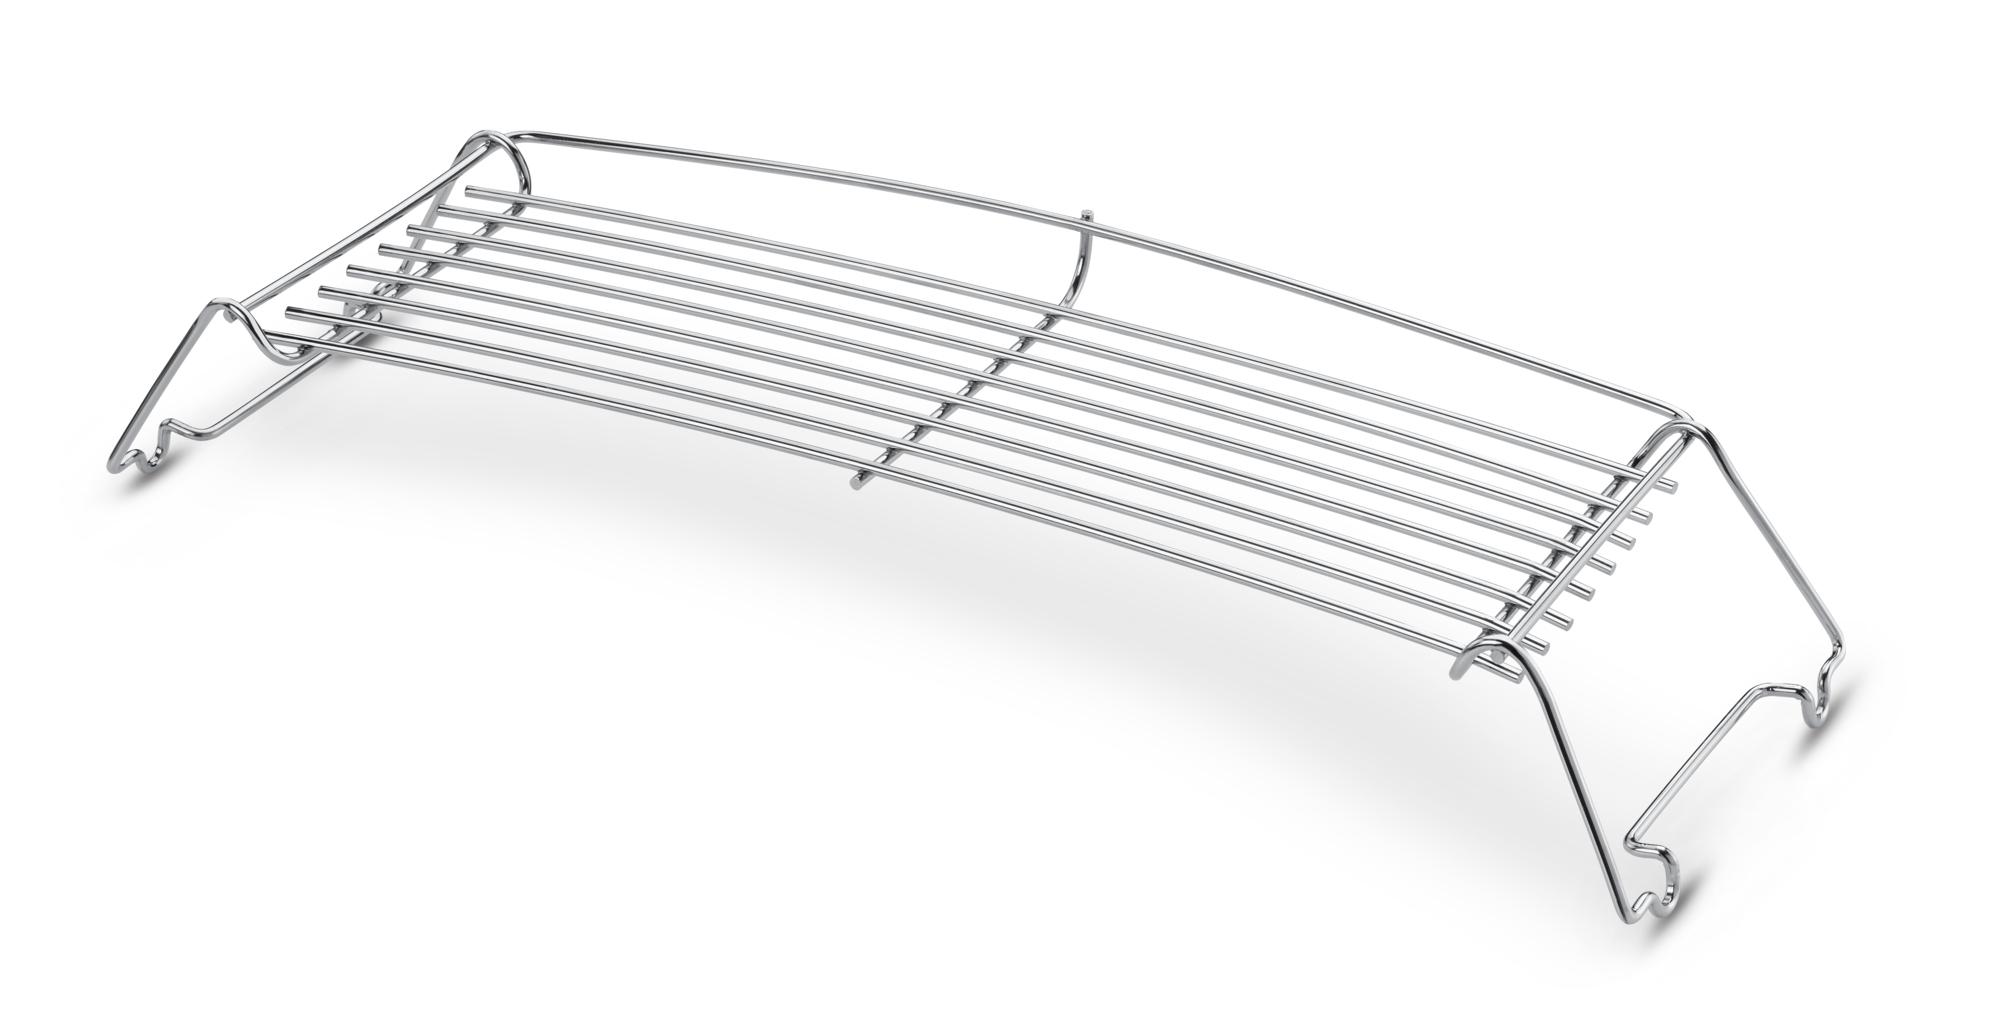 Weber Warmhalterost für Q-3000 Serie